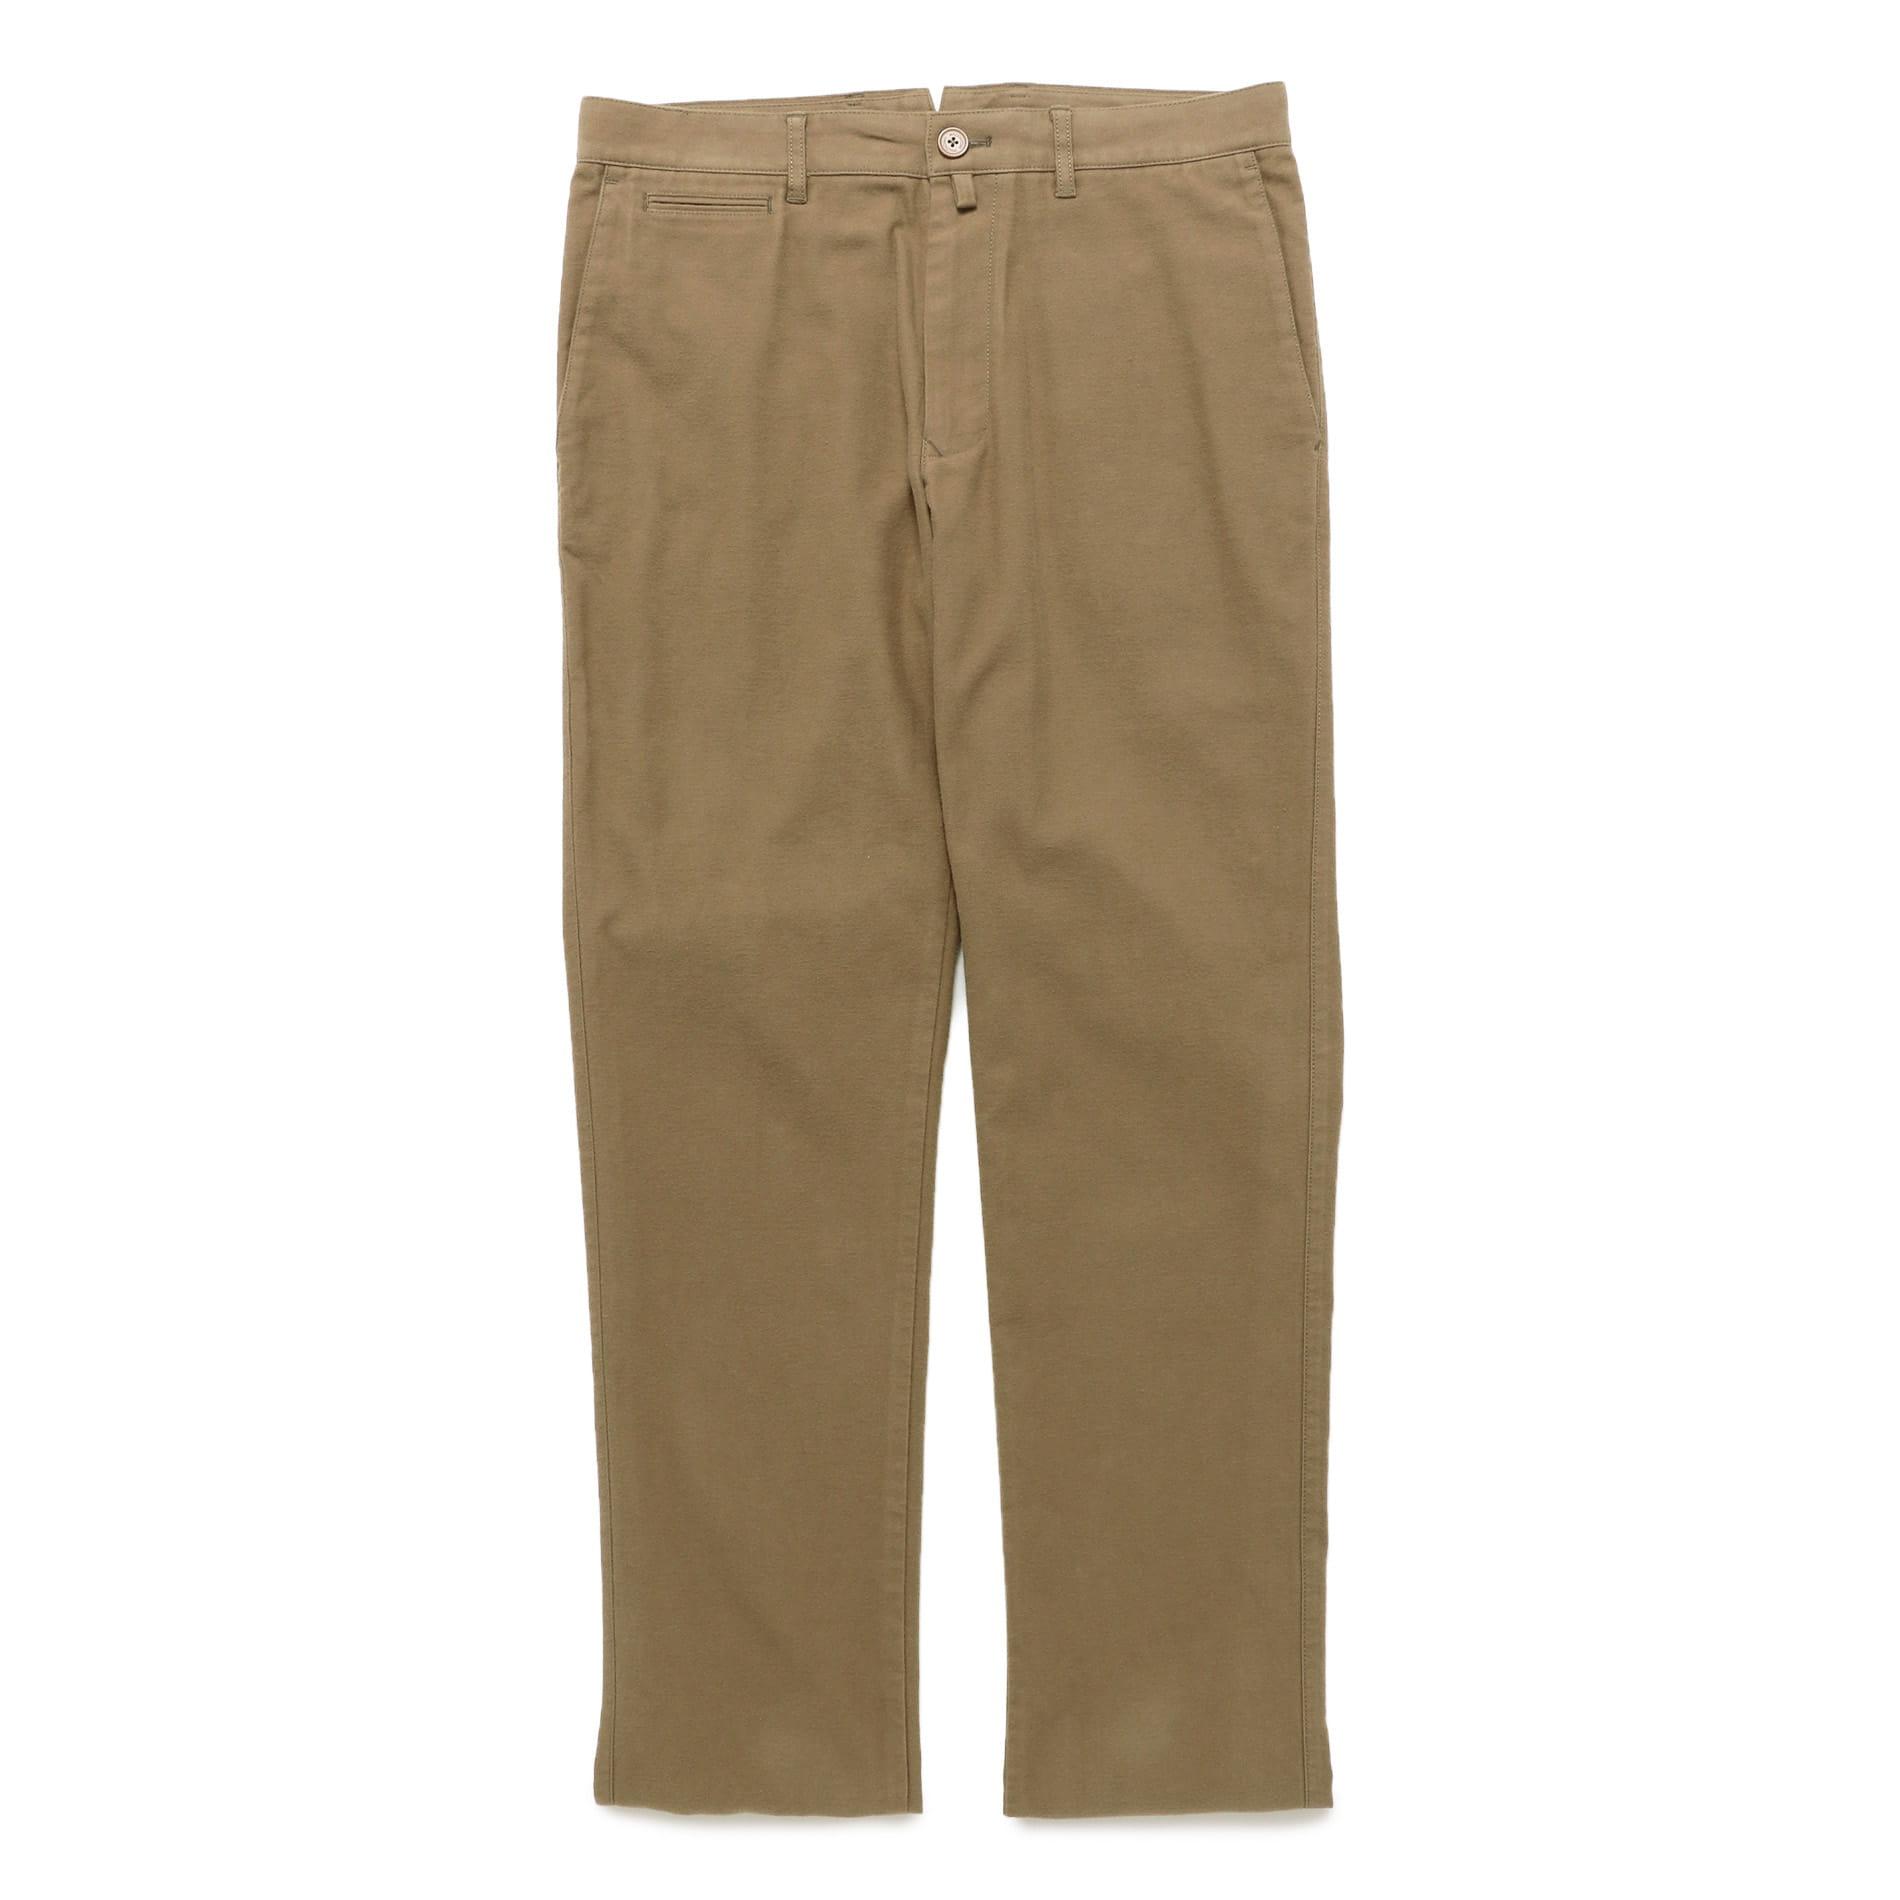 モールスキン TAPERD SLIM PANTS